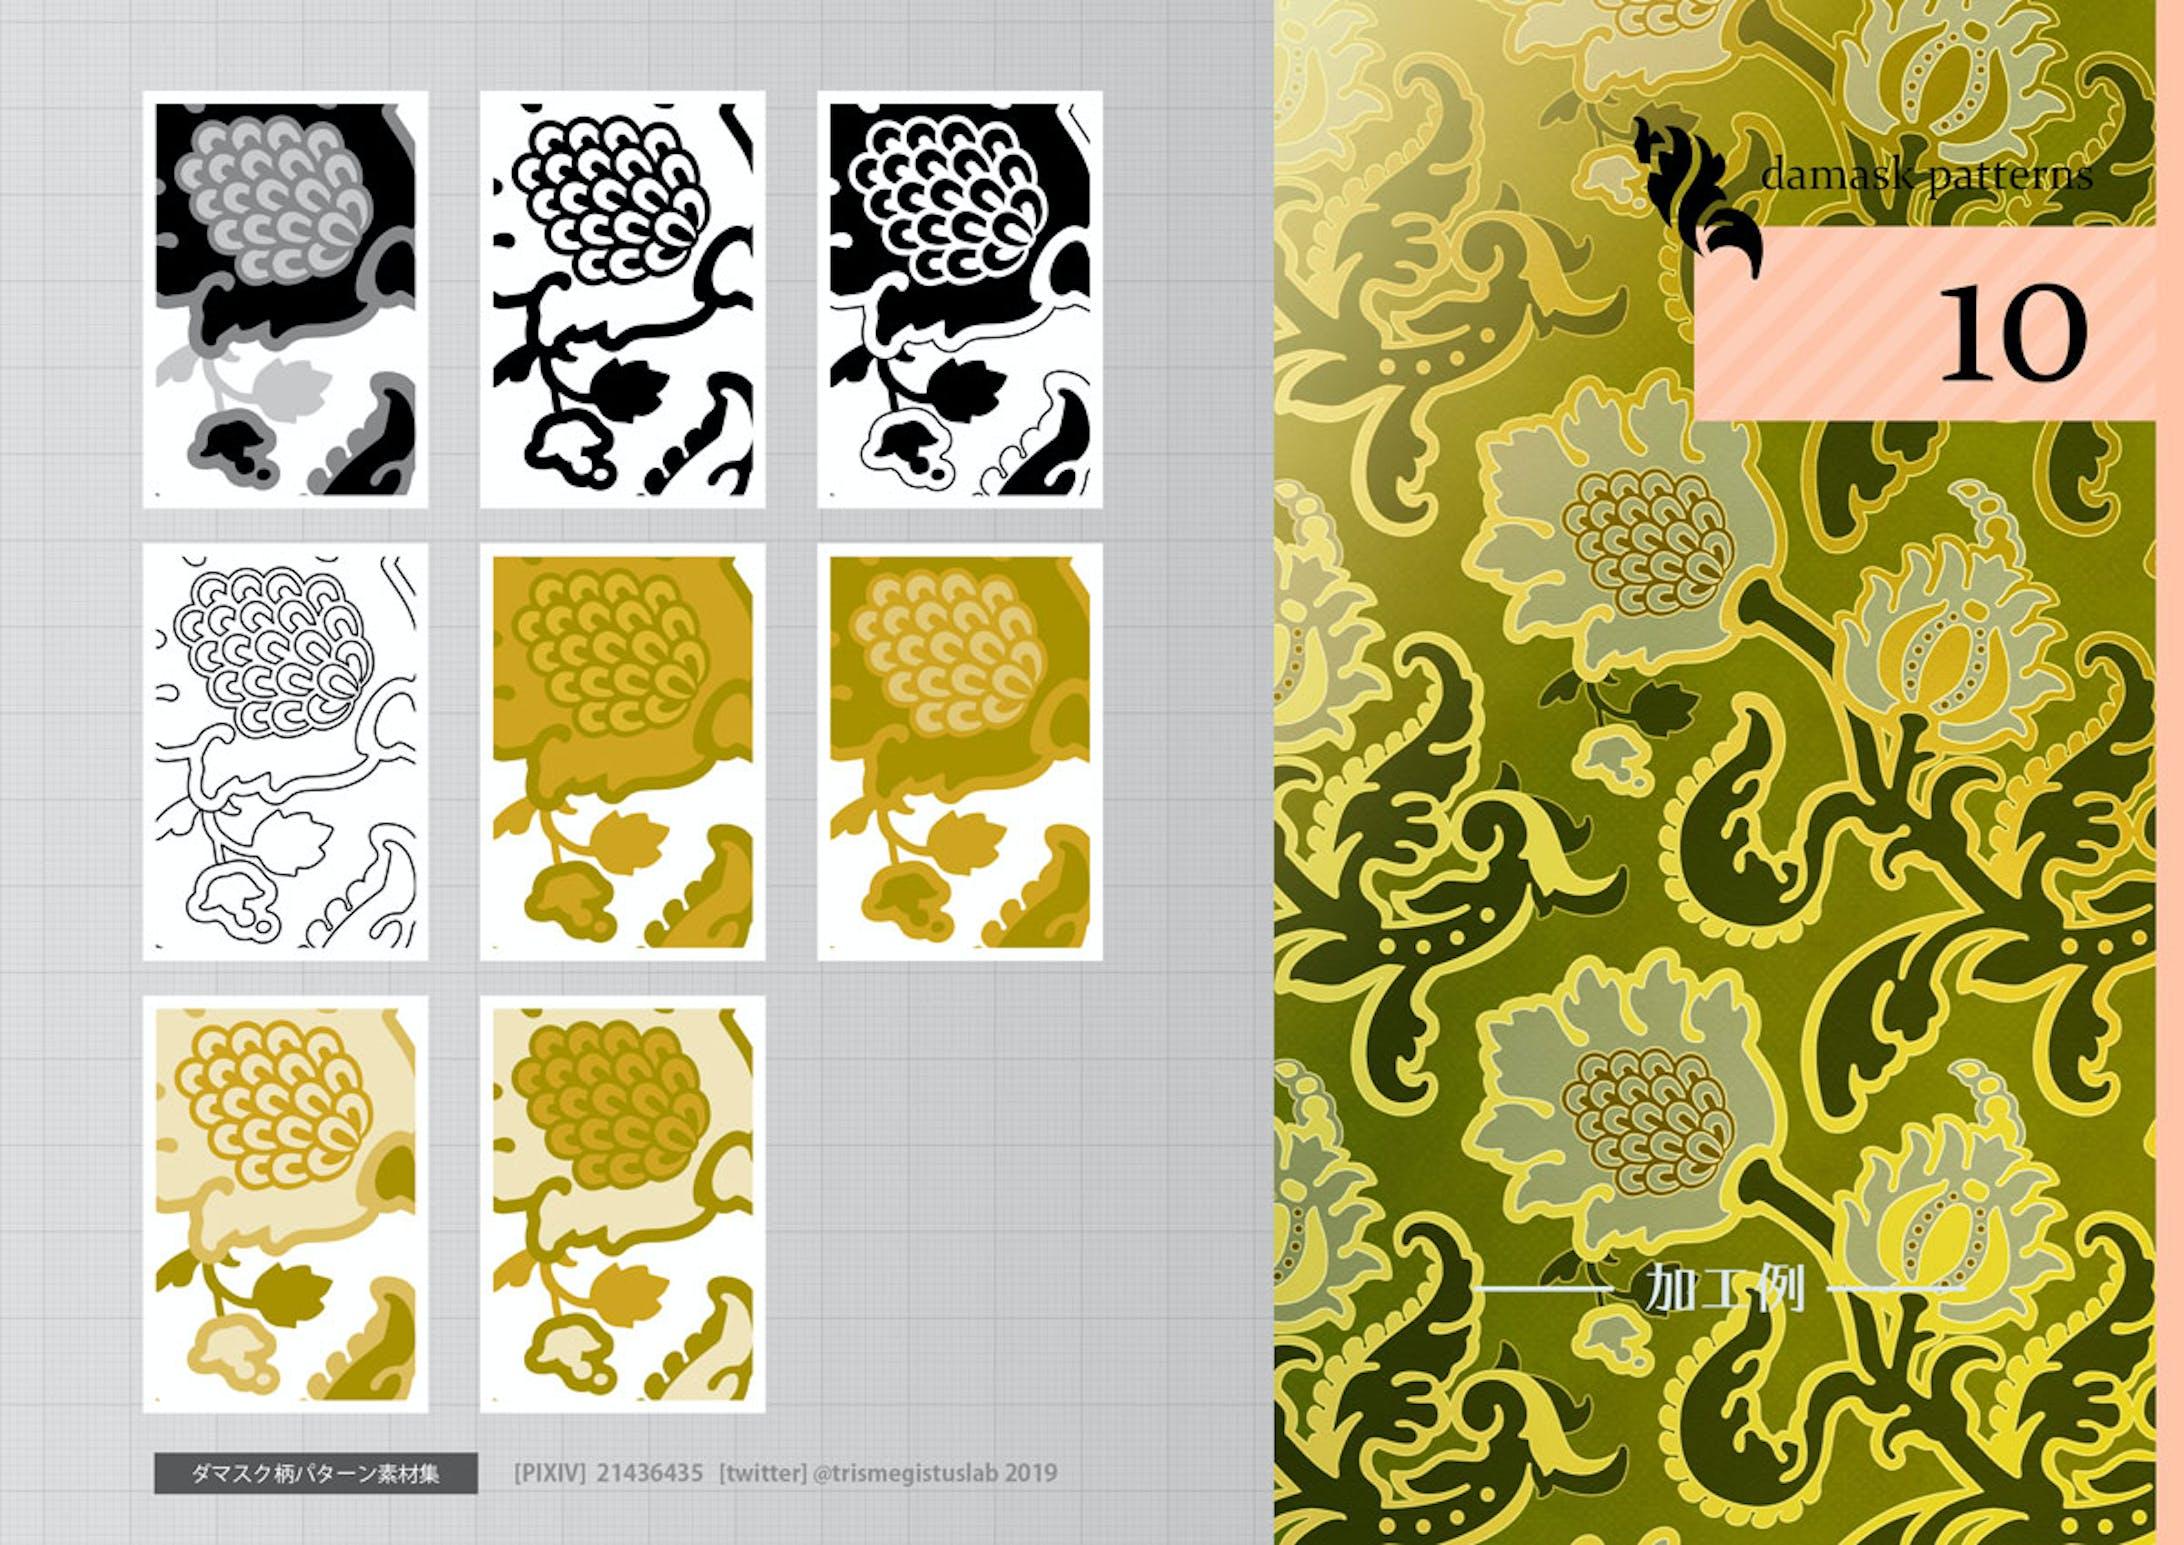 Illustratorでのシームレスパターン作成-11